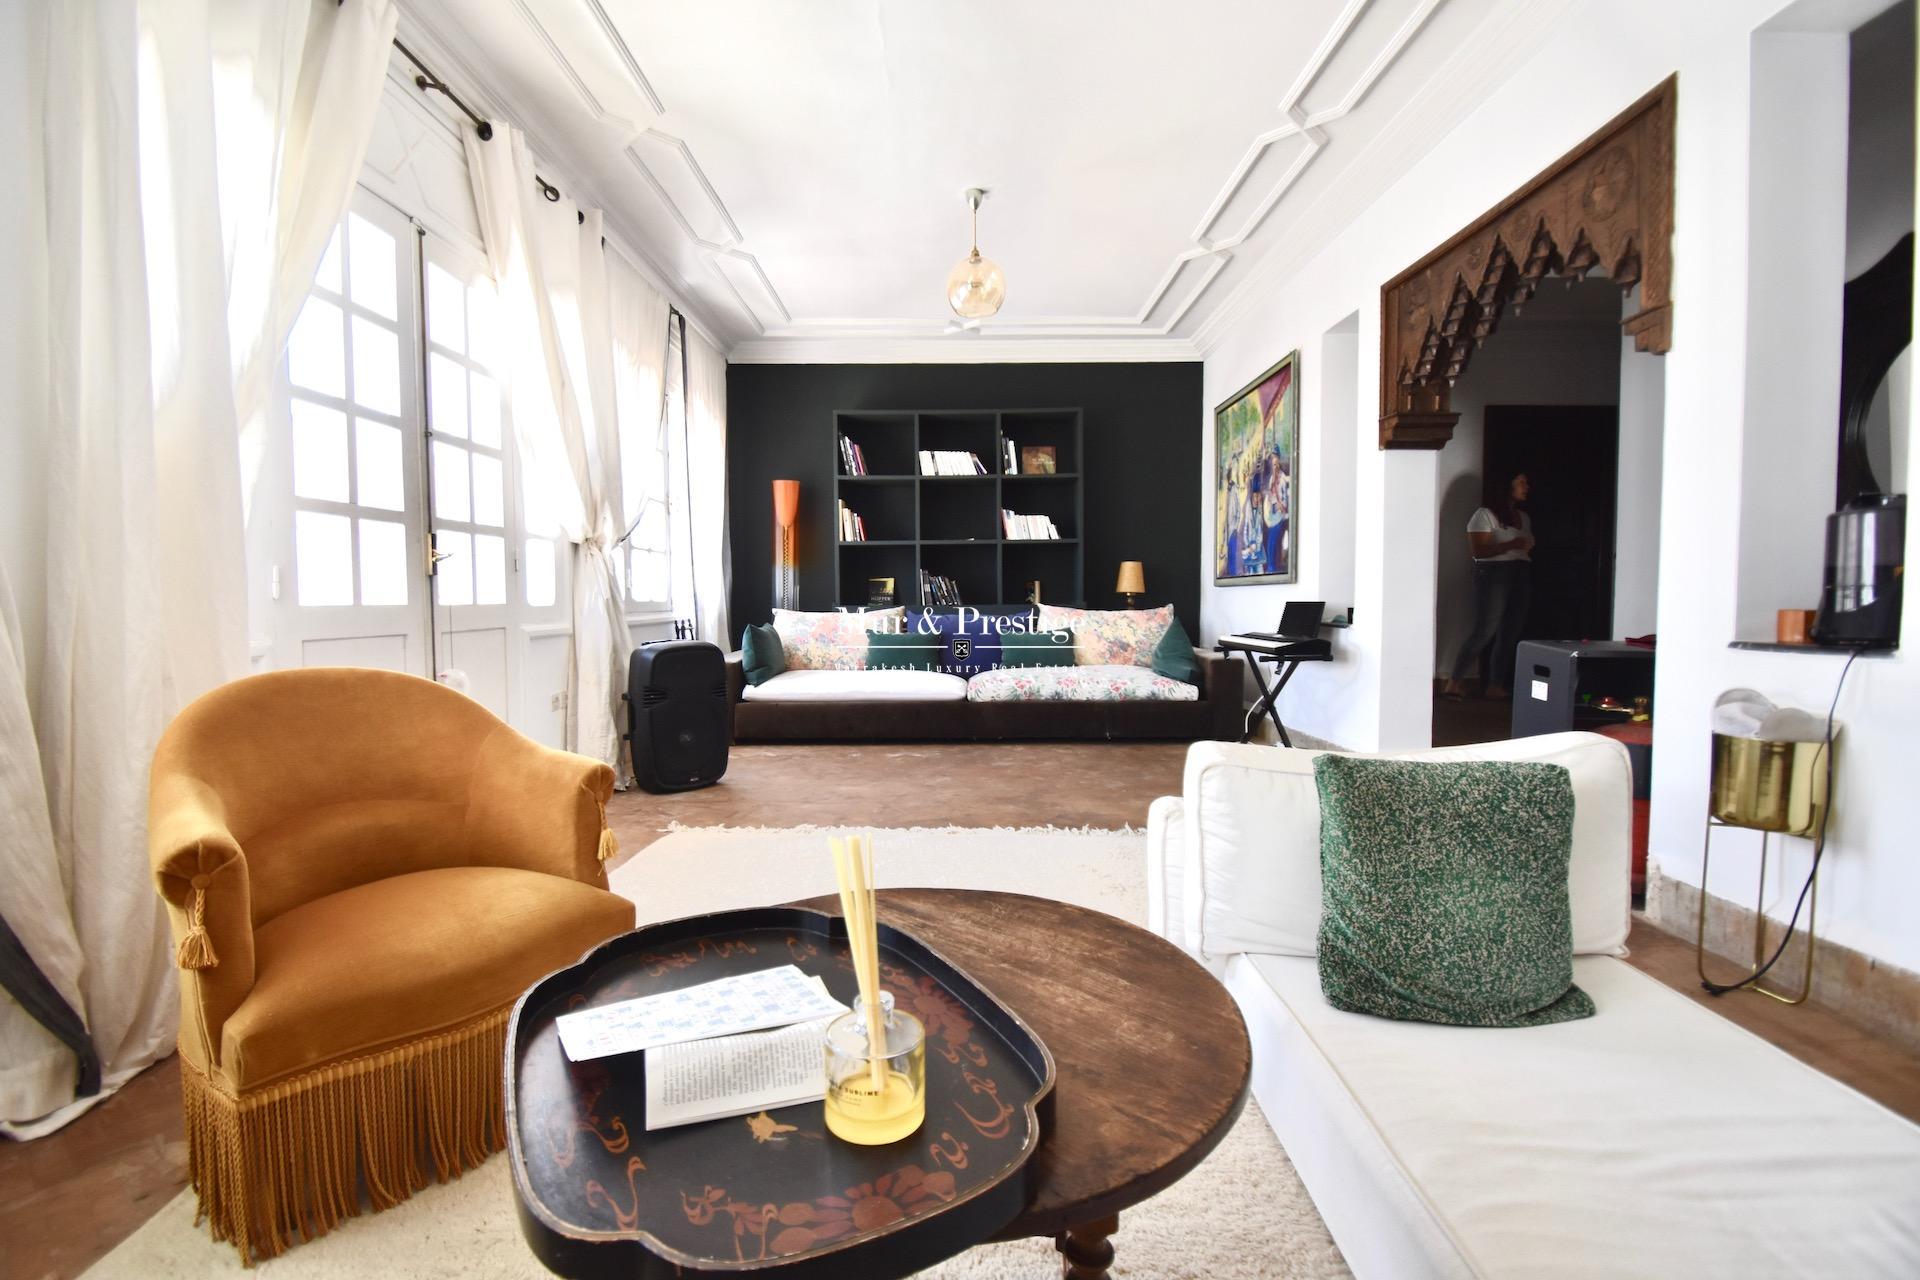 Vente appartement à Marrakech  4 chambres au cœur de Gueliz